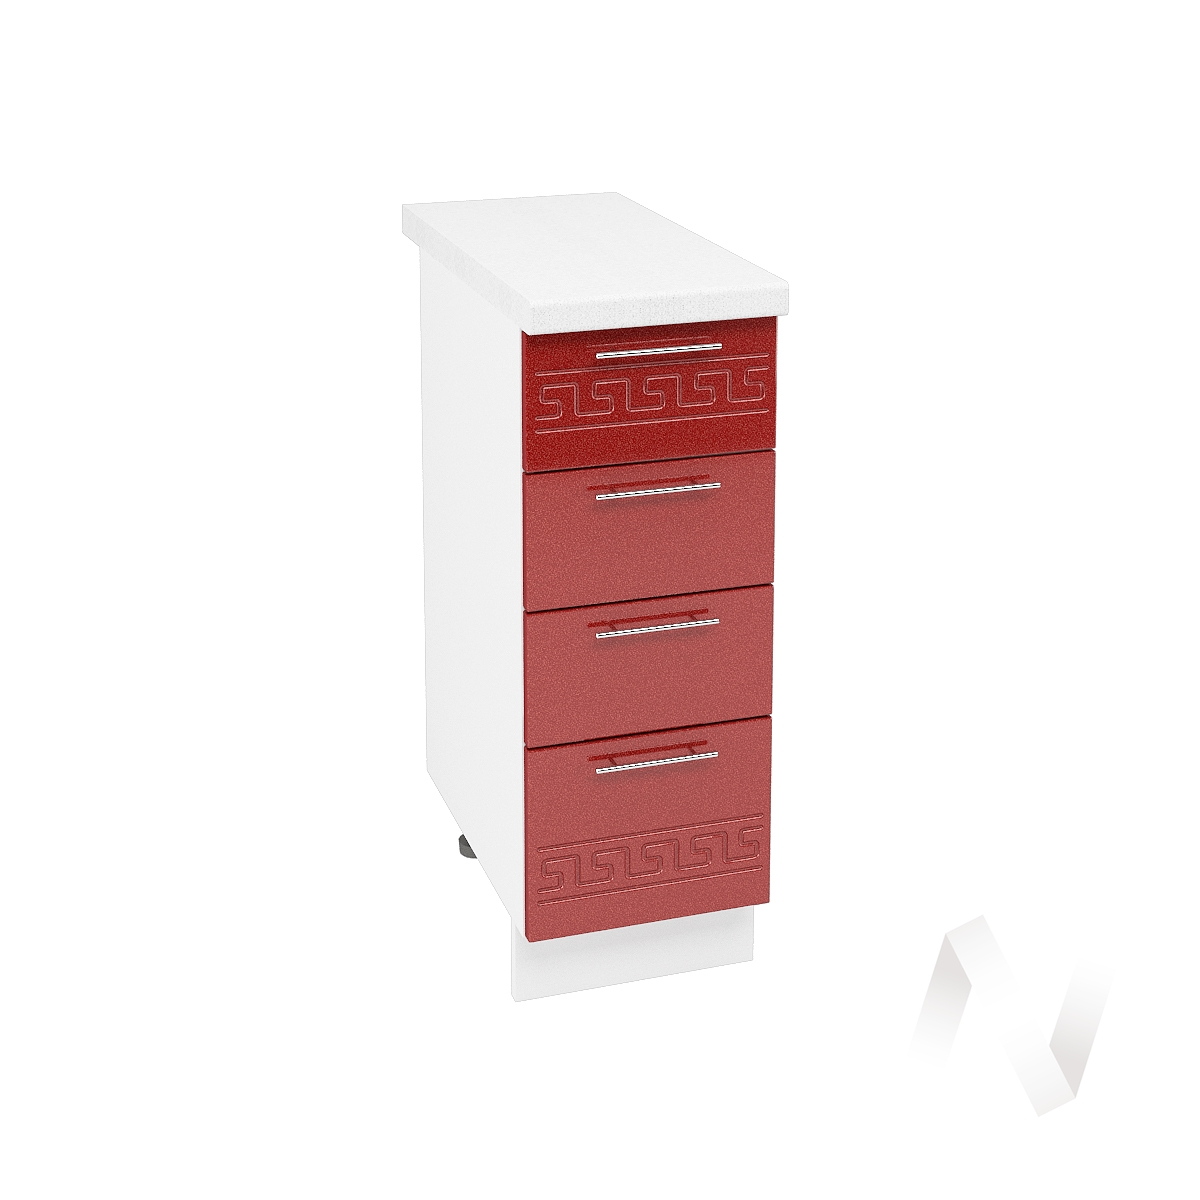 """Кухня """"Греция"""": Шкаф нижний с 4-мя ящиками 300, ШН4Я 300 (гранатовый металлик/корпус белый)"""